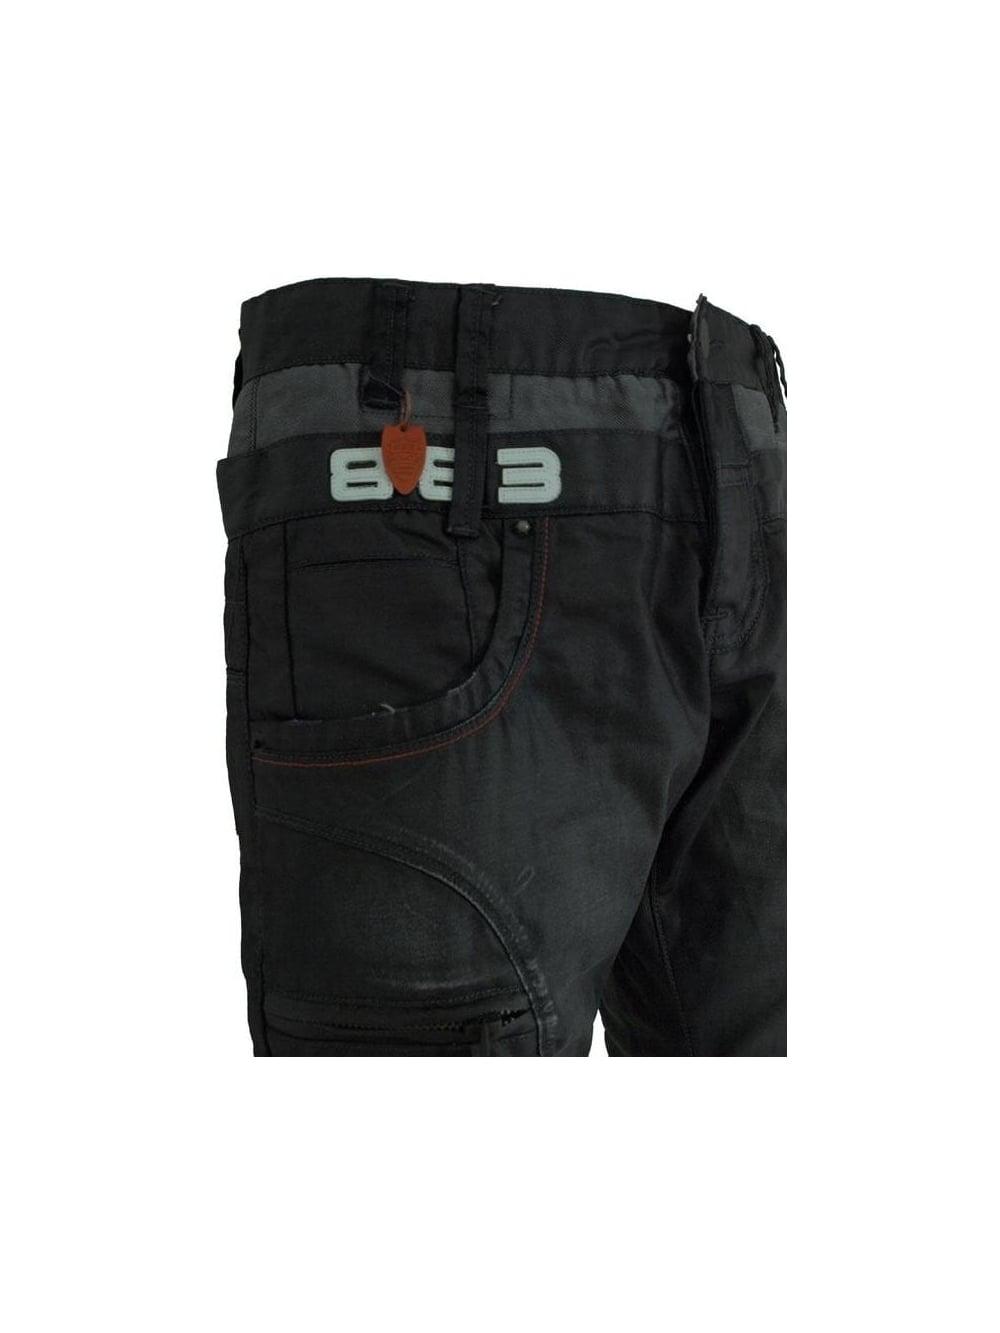 2a1cfe3f 883 Police - 883 Police Lotus Multi Pocket Jeans - Dark Navy - 883 ...